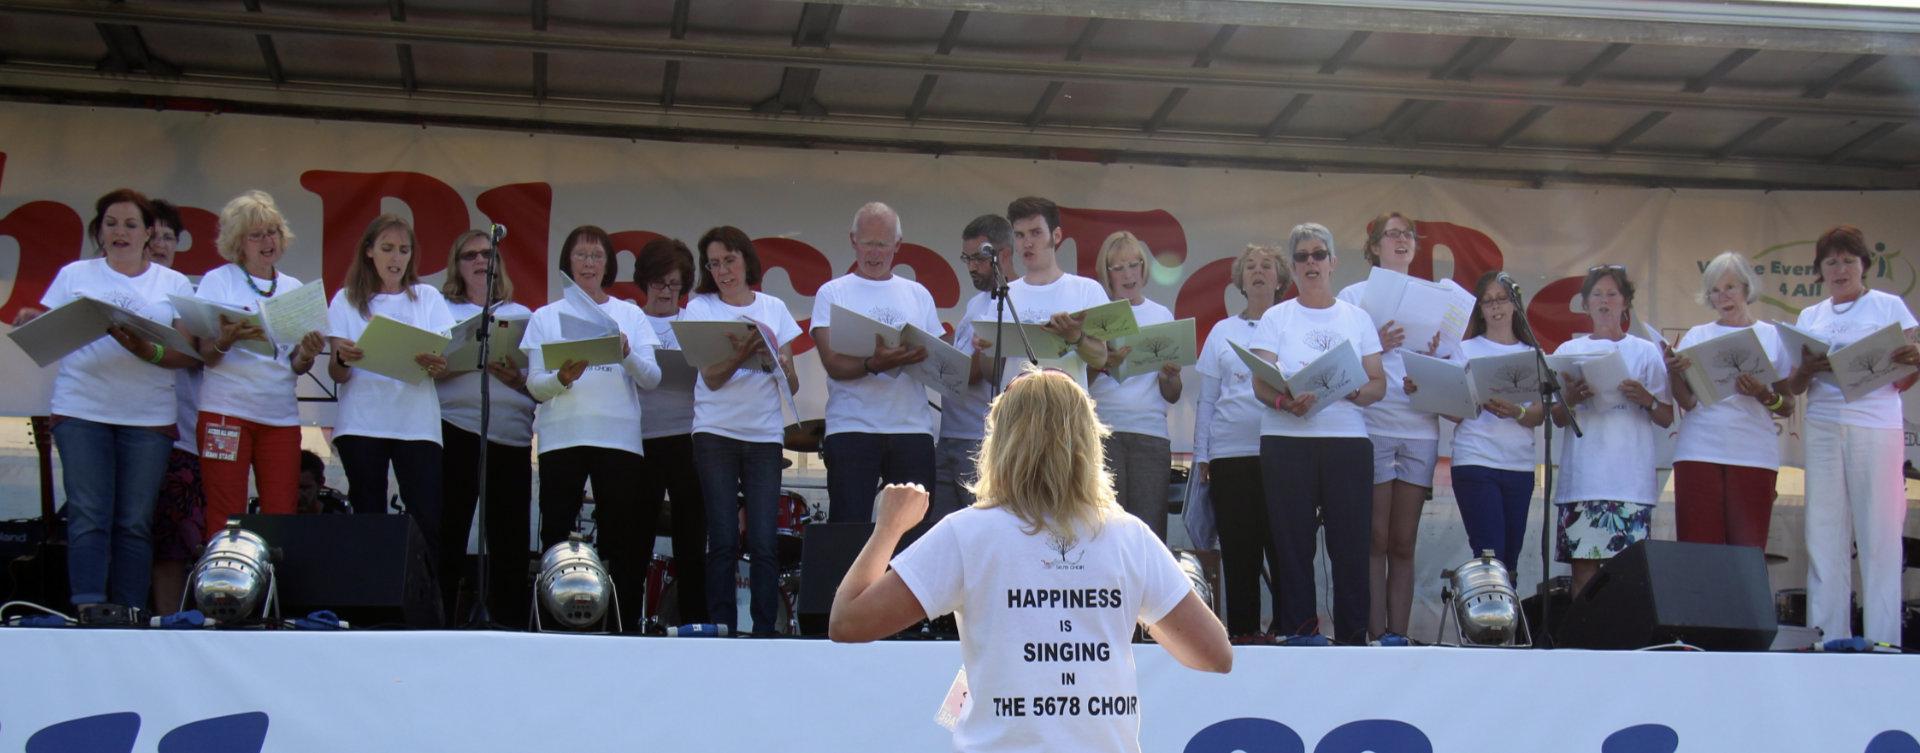 5678 choir